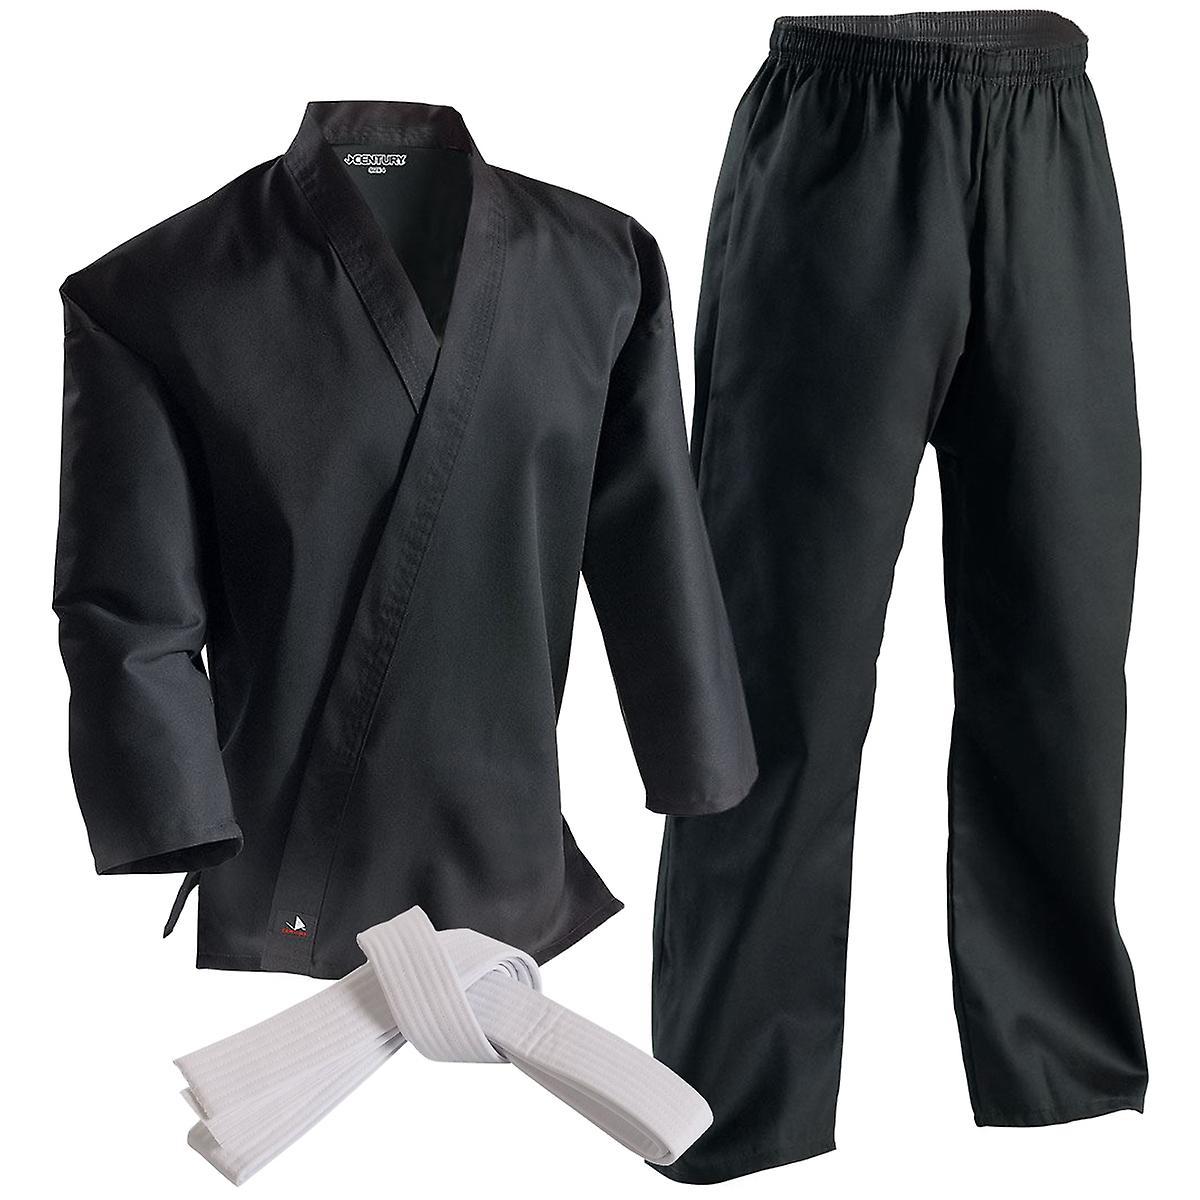 Siècle 6 oz léger étudiant uniforme avec élastique Pants-noir-arts martiaux